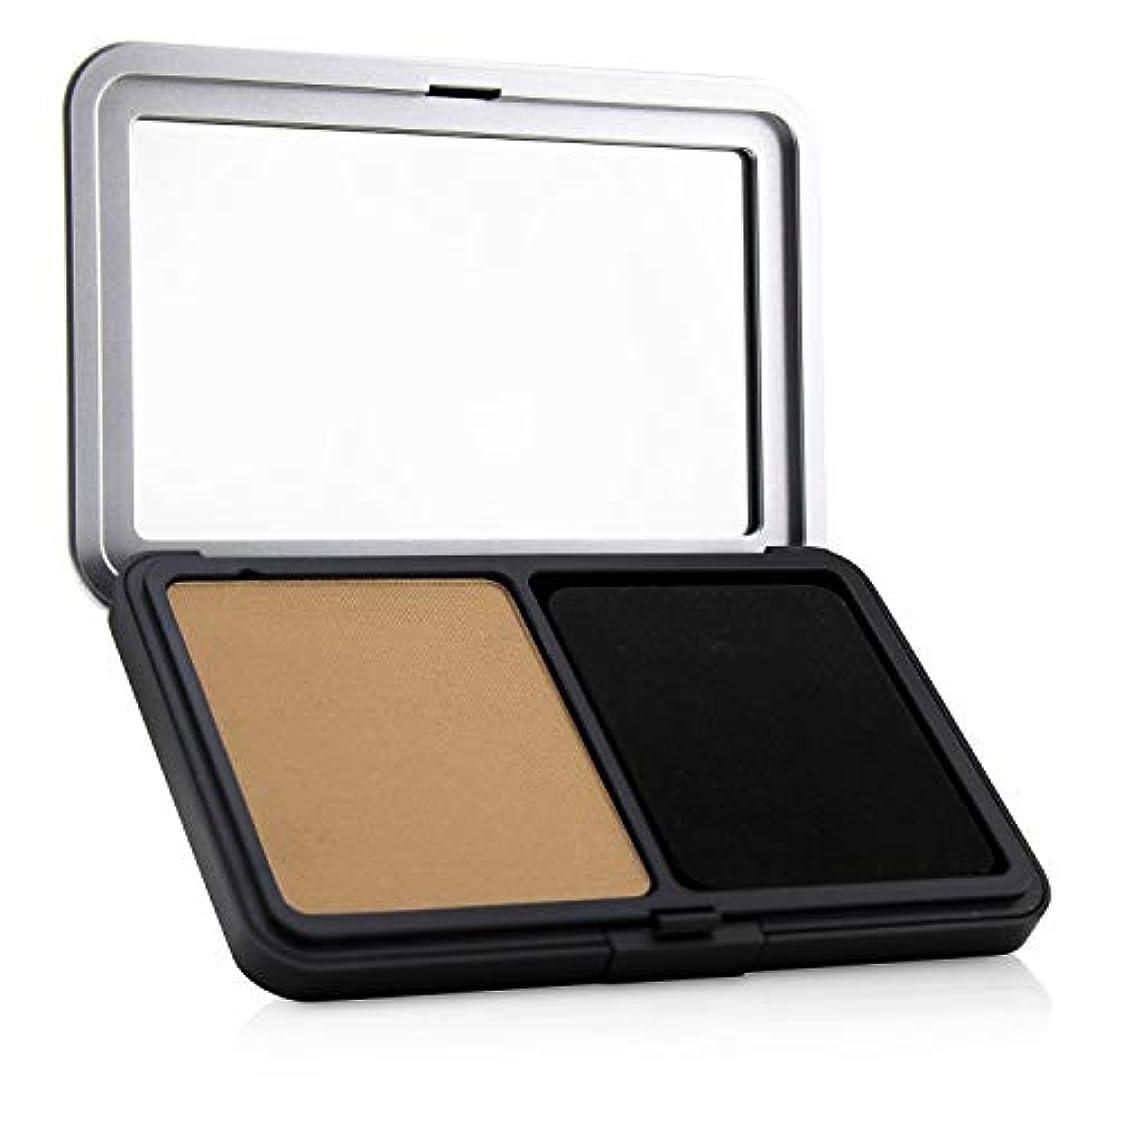 と遊ぶ安全並外れてメイクアップフォーエバー Matte Velvet Skin Blurring Powder Foundation - # R370 (Medium Beige) 11g/0.38oz並行輸入品